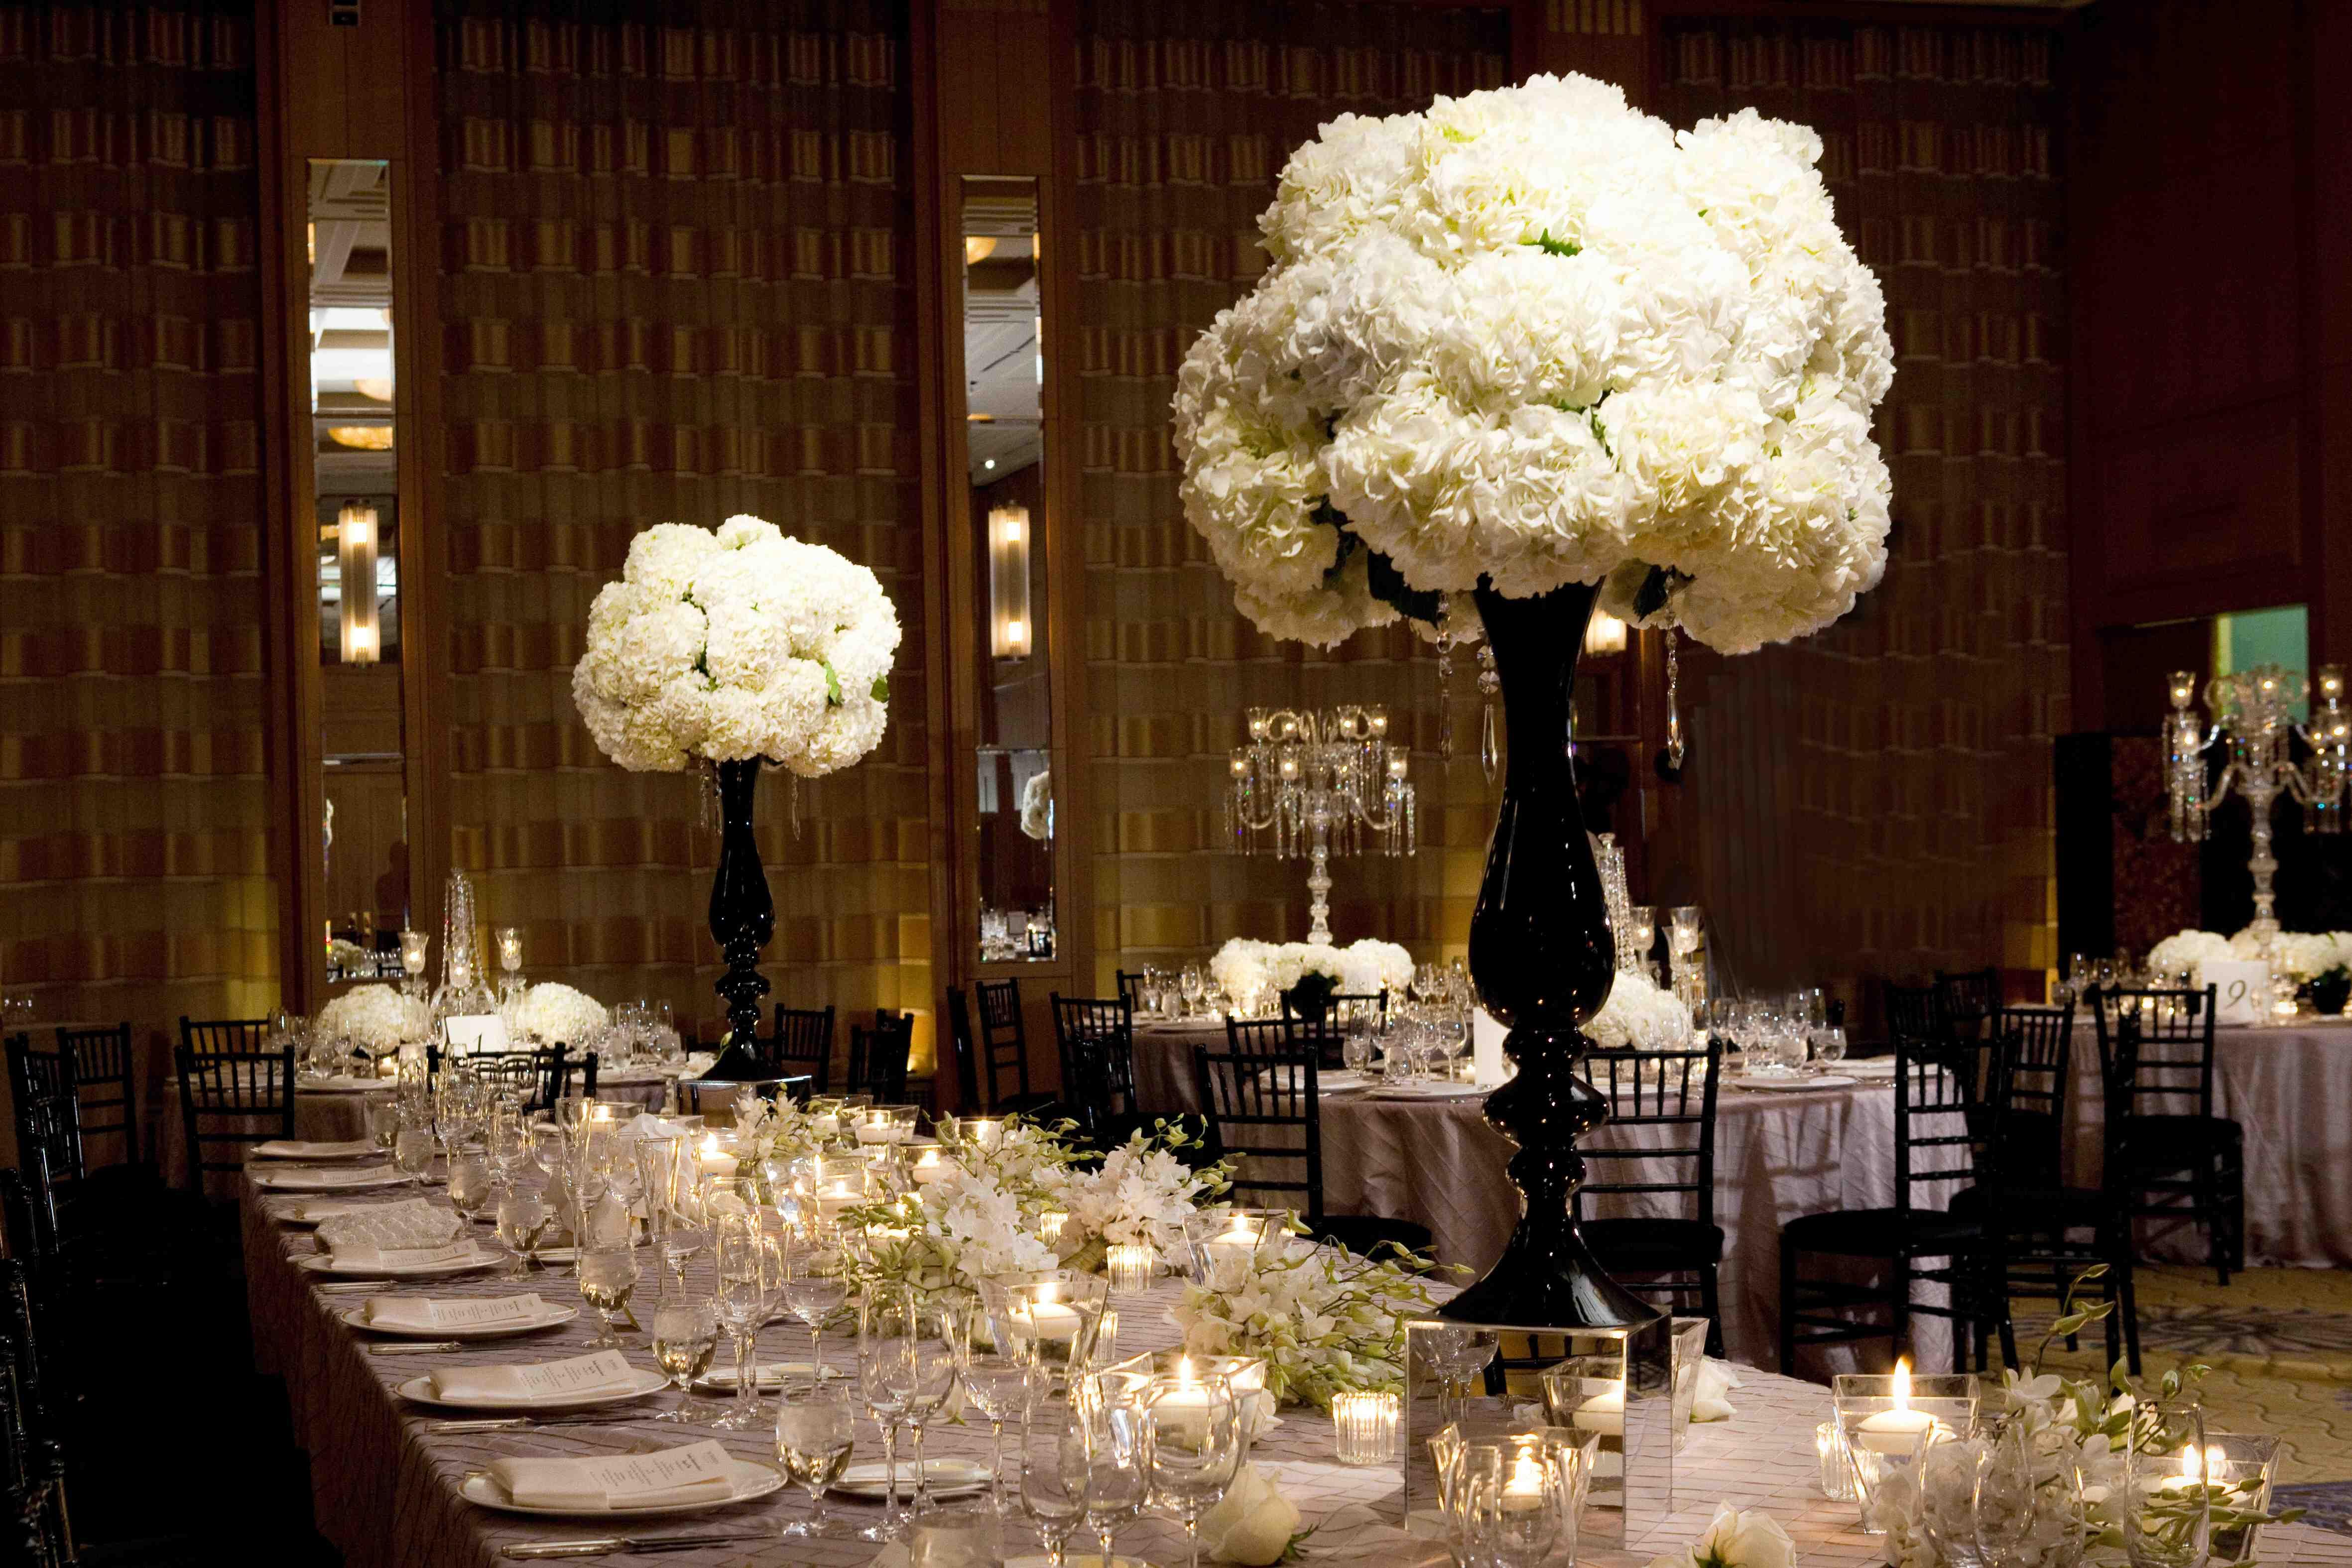 White flower hydrangea centerpiece at wedding